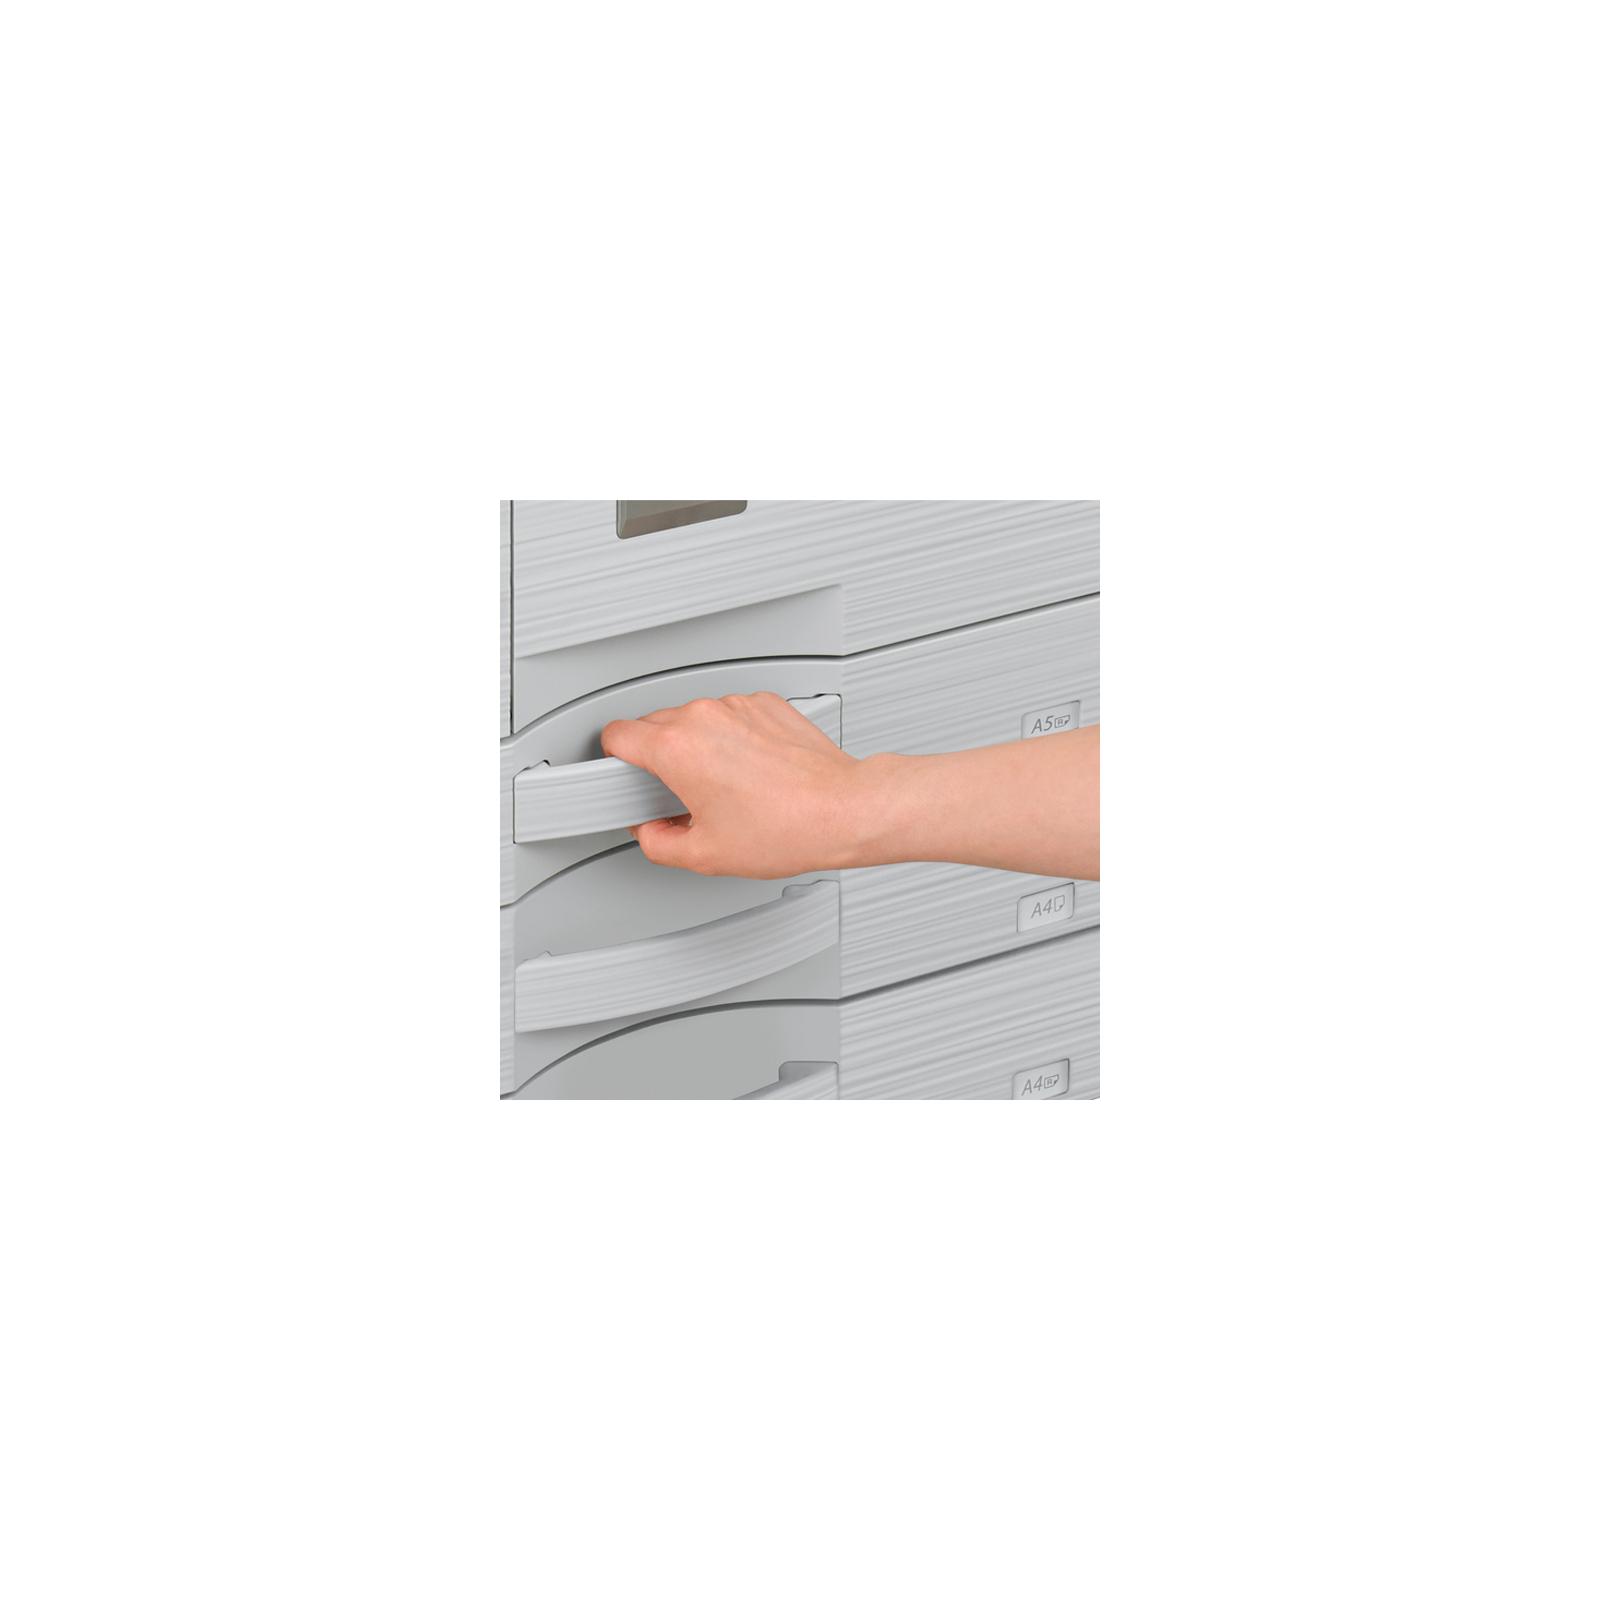 Многофункциональное устройство SHARP AR 6023N (AR6023N) изображение 5